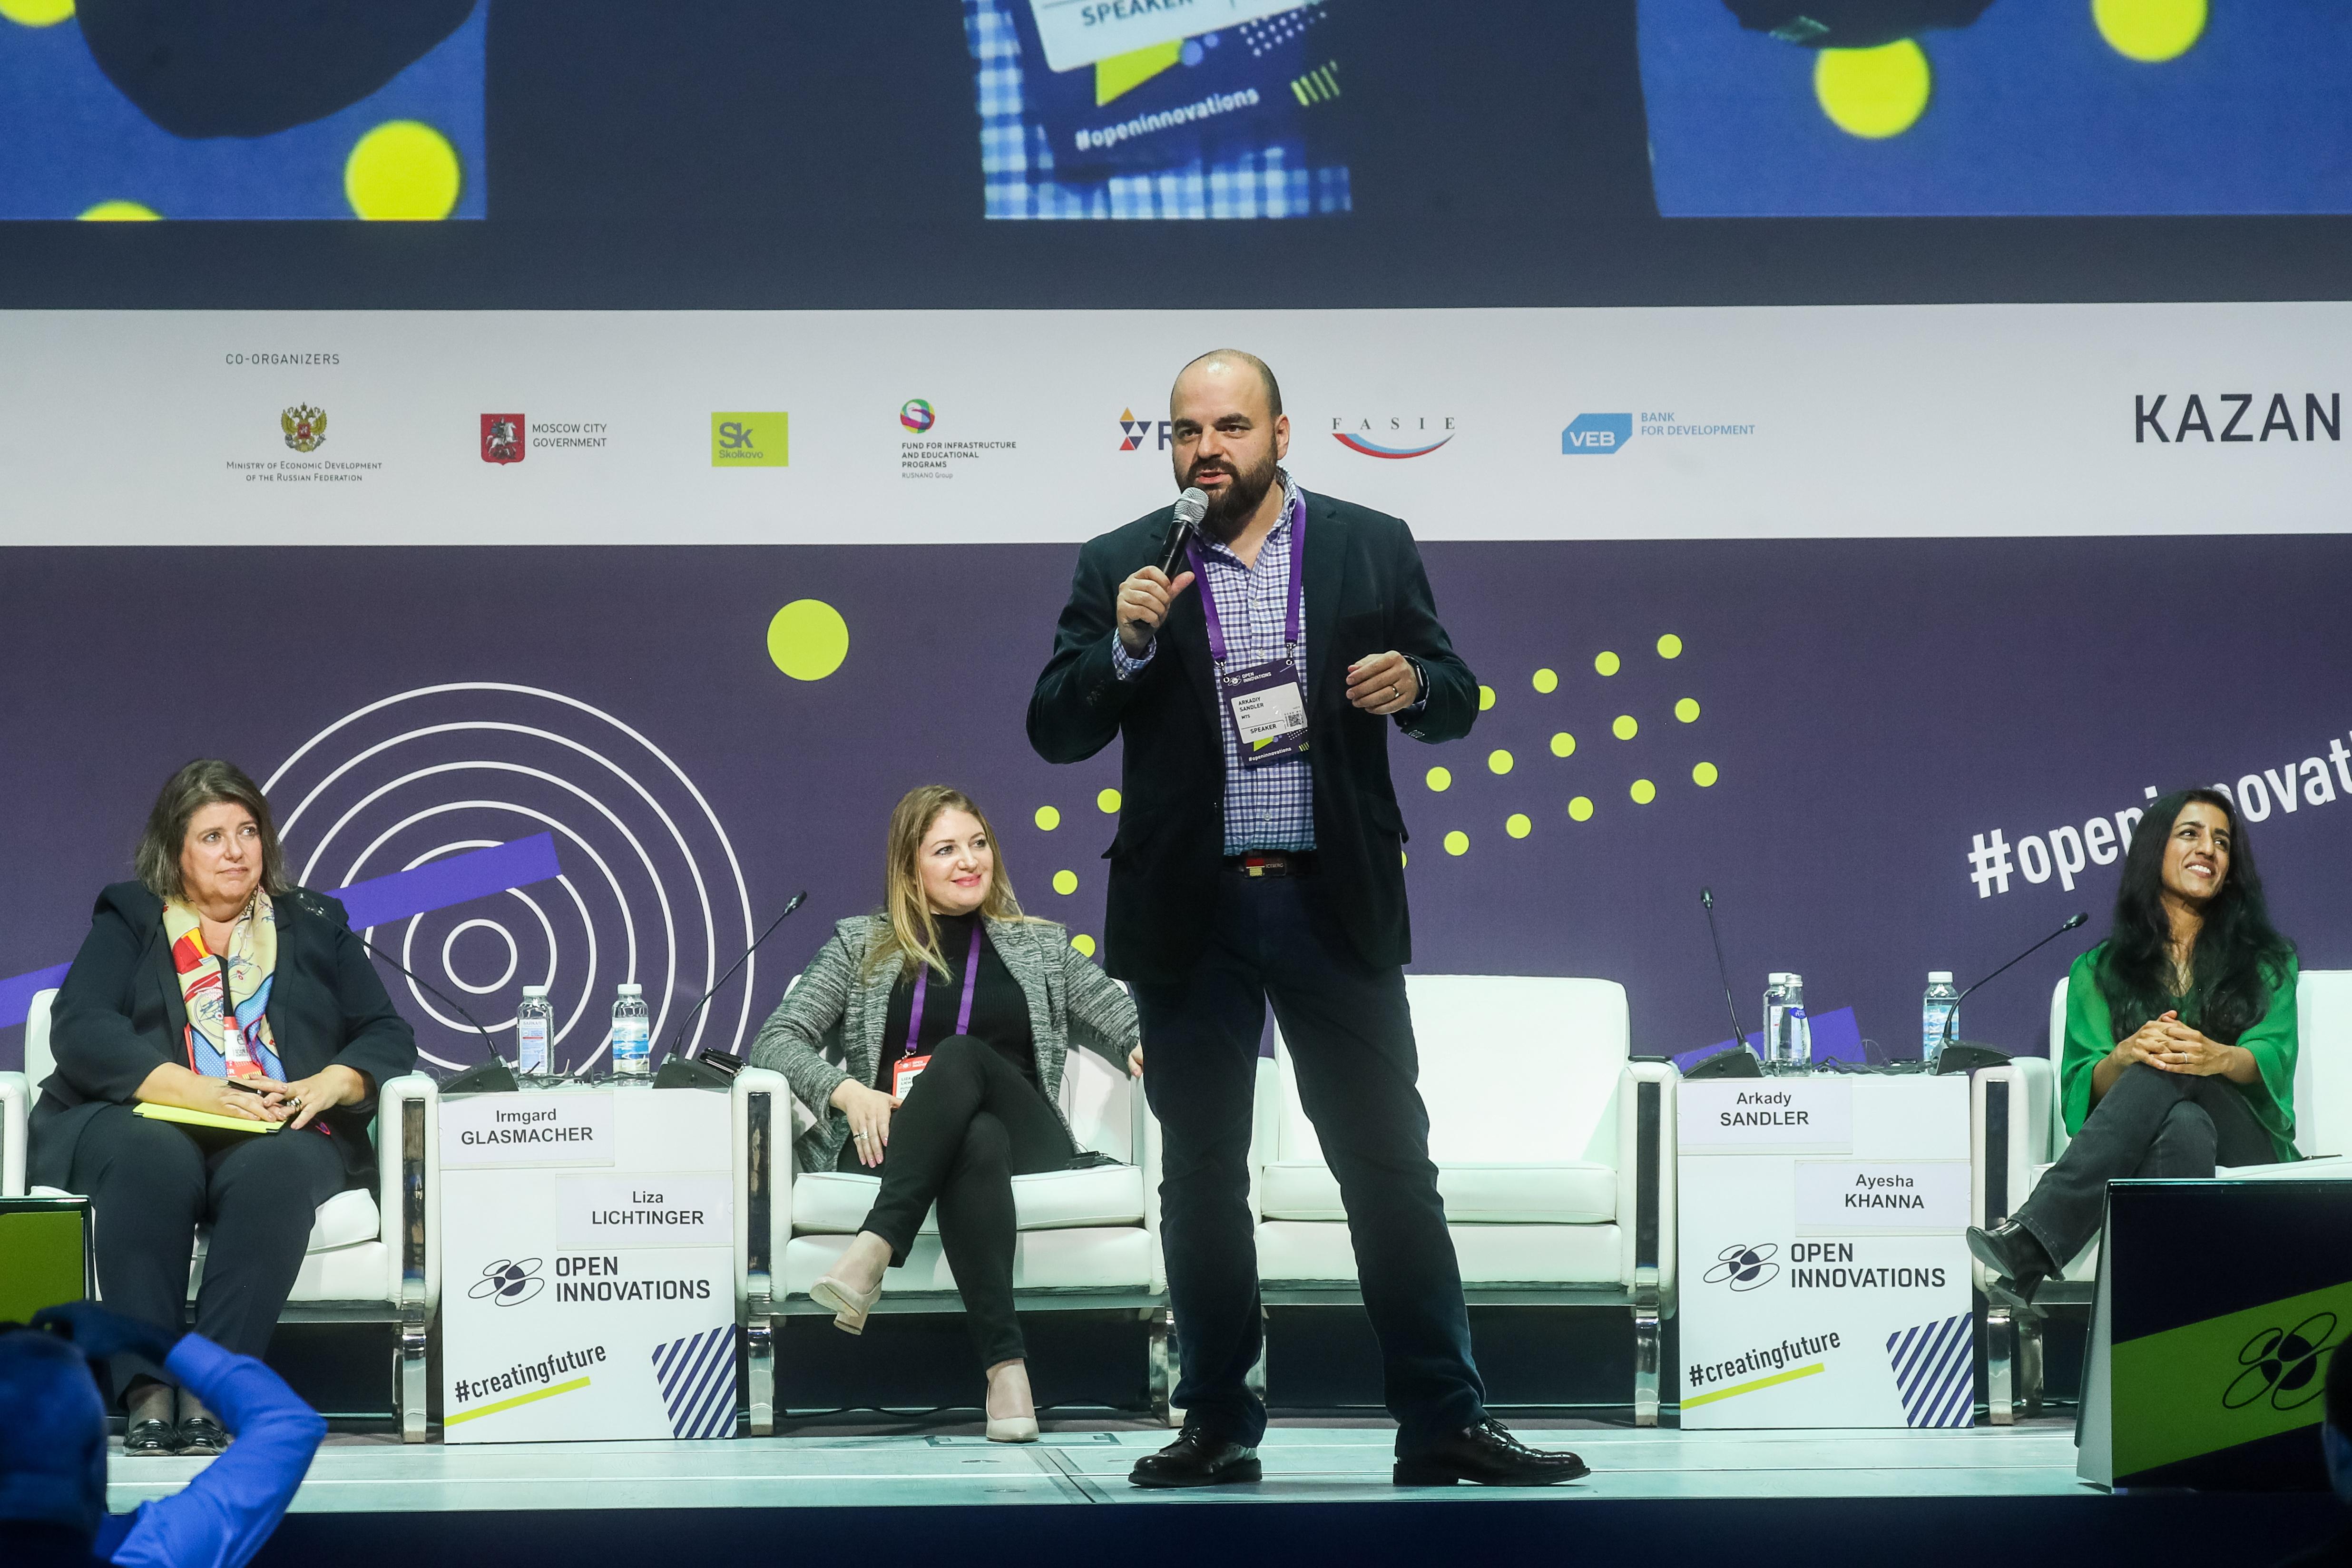 Создавая цифровую нацию: в «Сколково» пройдет восьмой международный форум «Открытые инновации»